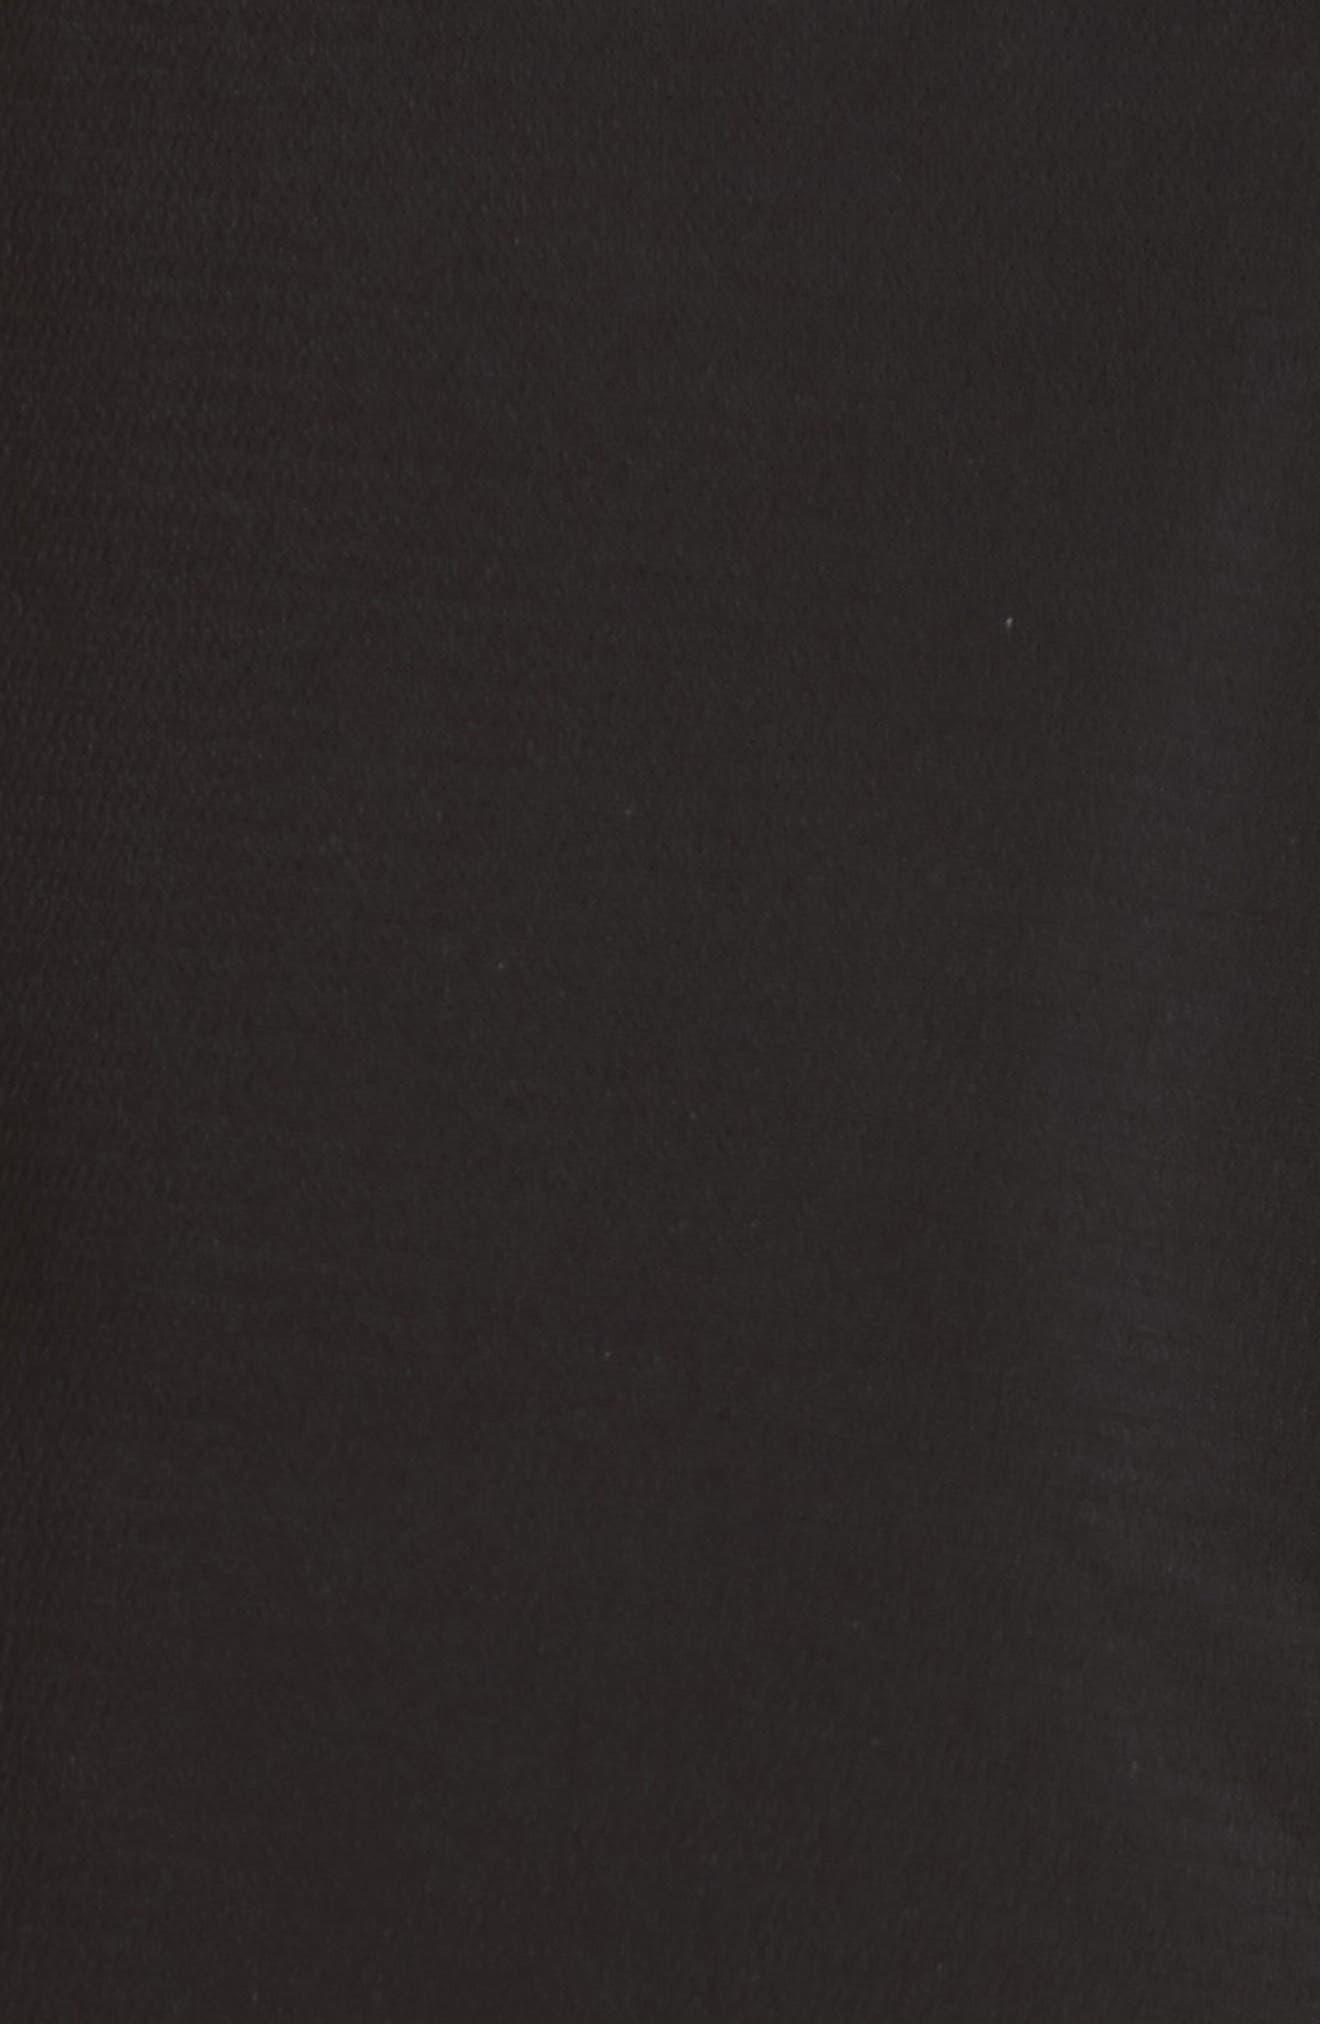 Issac Shorts,                             Alternate thumbnail 5, color,                             Black